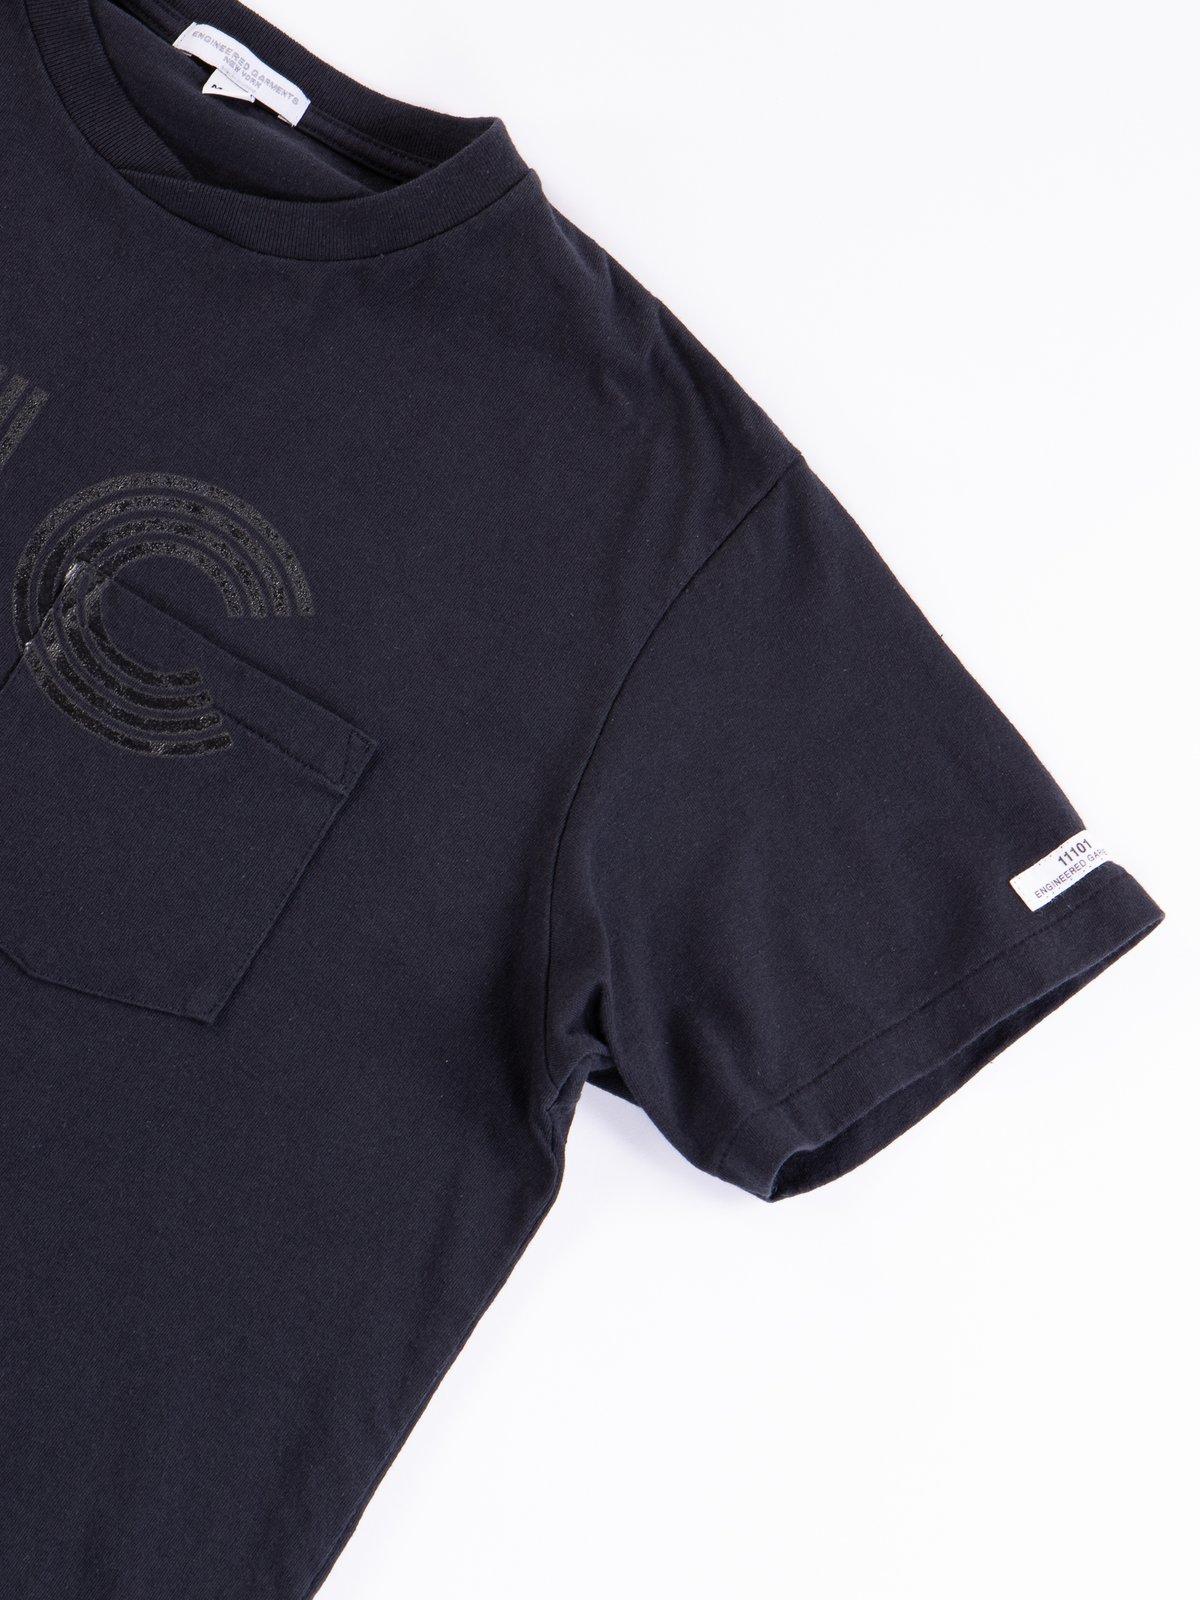 Navy LIC Printed T–Shirt - Image 4